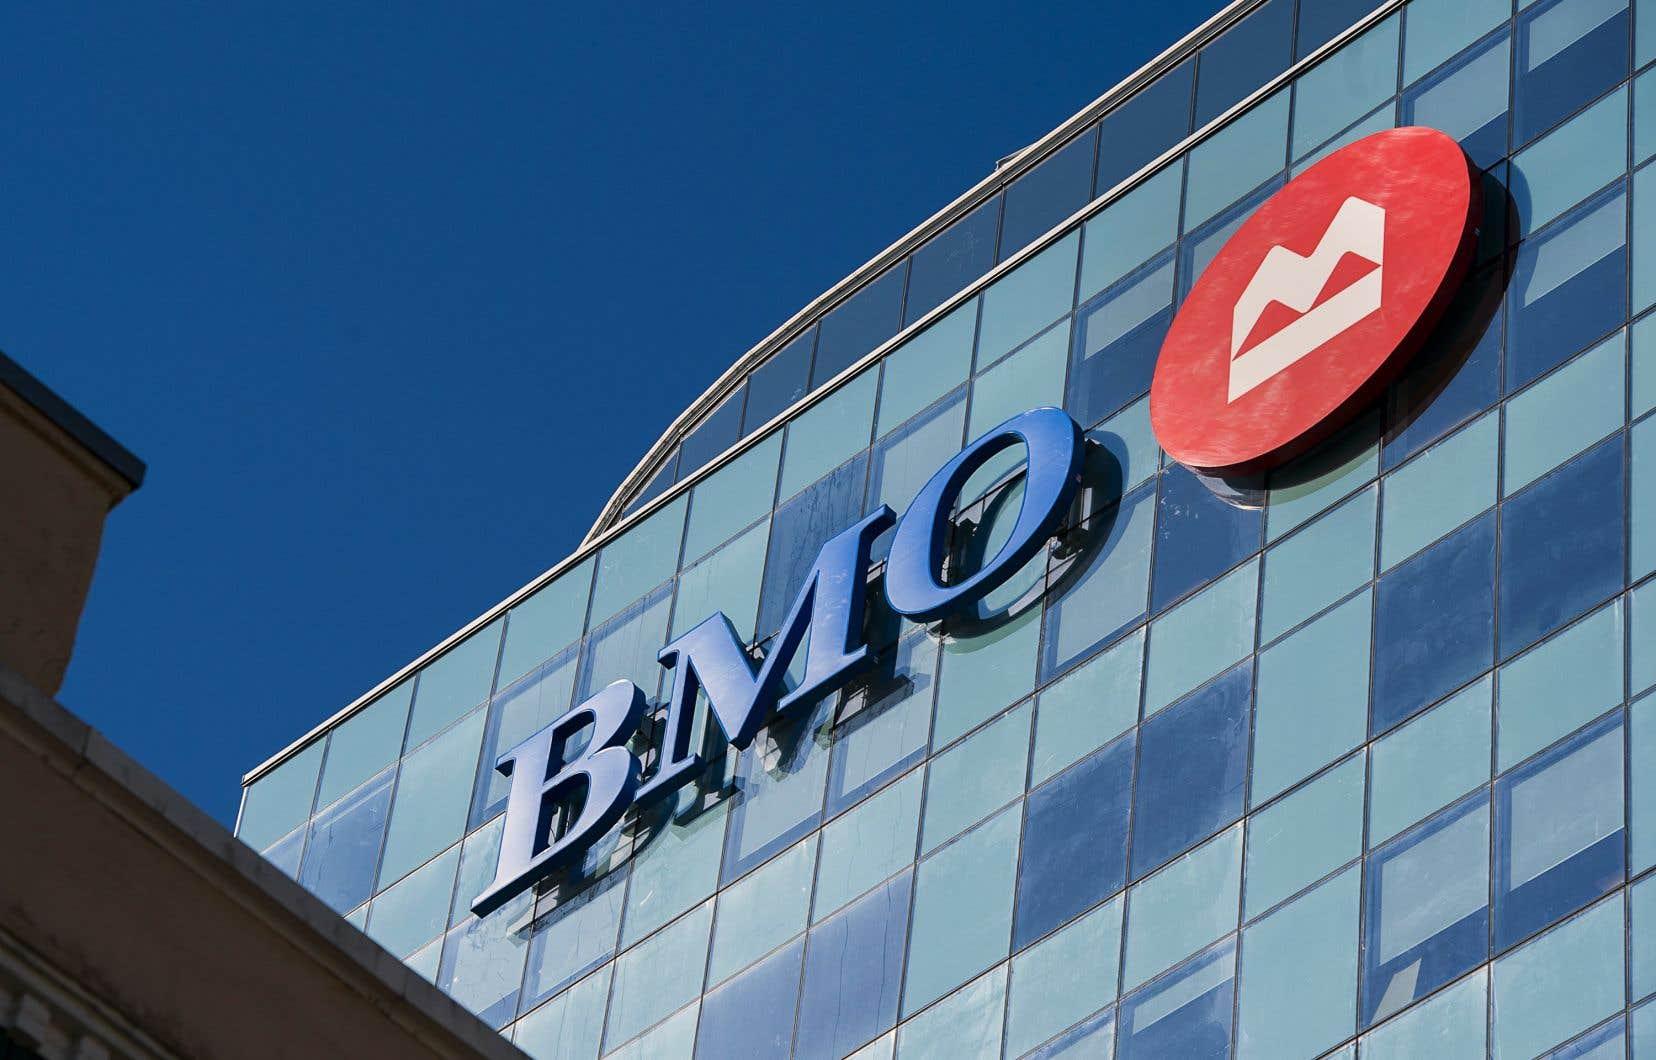 La Banque s'est concentrée ces derniers temps sur l'innovation numérique en lançant Mon info BMO, qui utilise l'intelligence artificielle pour aider les clients à gérer leurs finances.